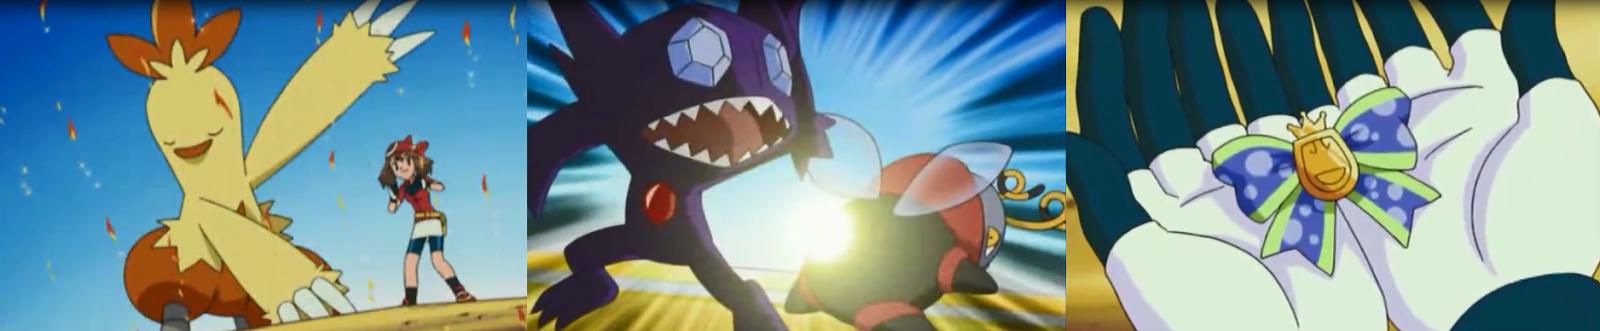 Pokemon Capitulo 51 Temporada 7 Lecciones En Lilycove